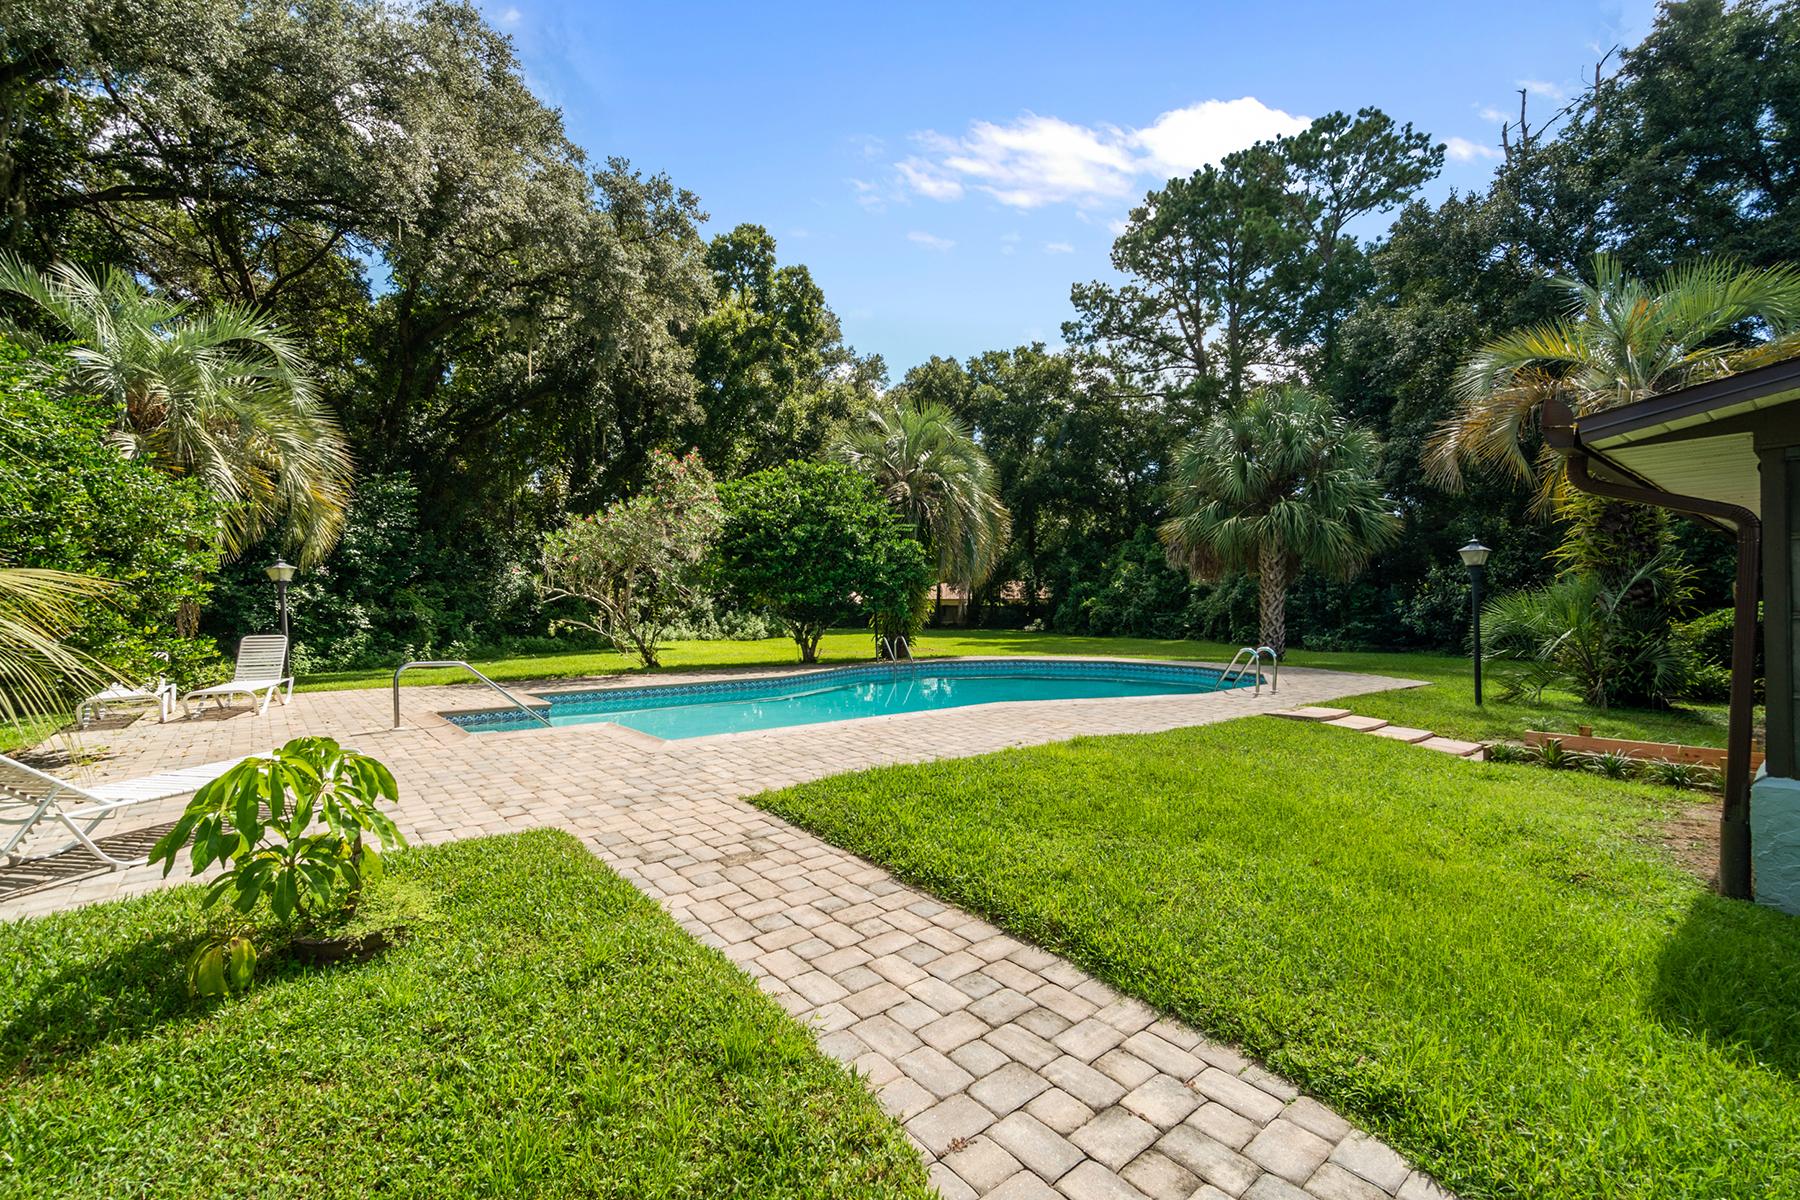 Additional photo for property listing at OCALA 4901 Se 3rd St, Ocala, Florida 34471 Estados Unidos